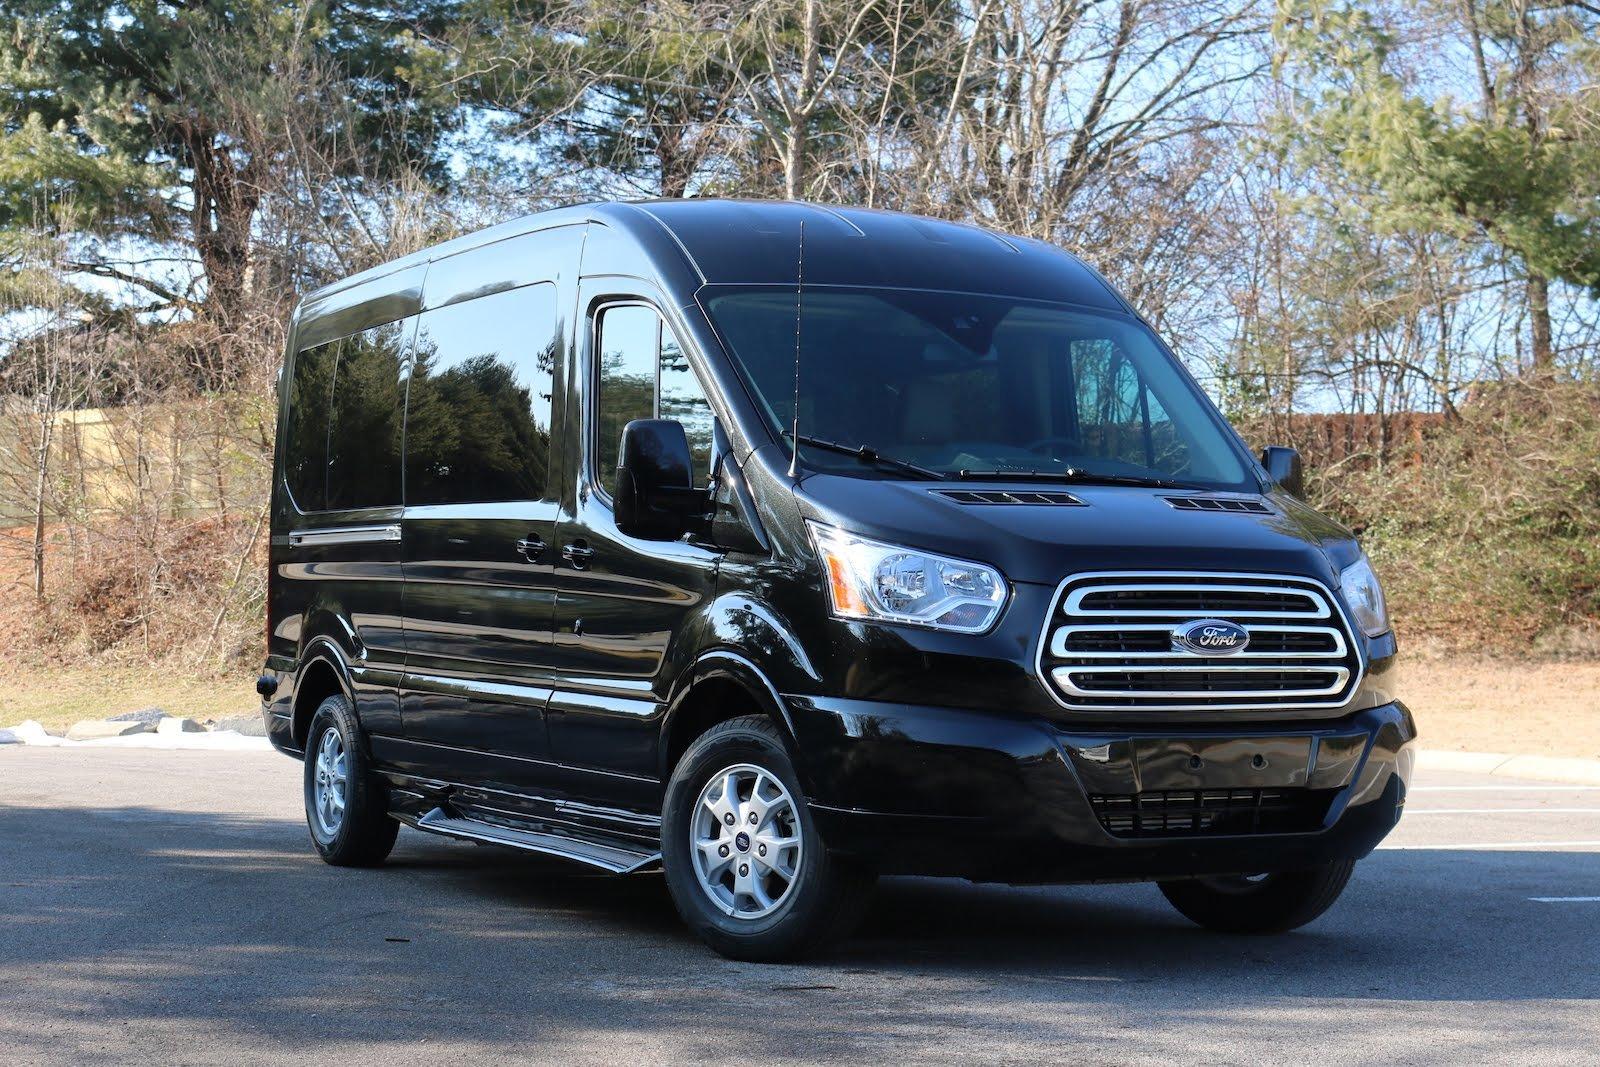 Ford Transit 350 >> 2016 Ford Transit Passenger Wagon 350 wallpaper | 1600x1067 | 869290 | WallpaperUP